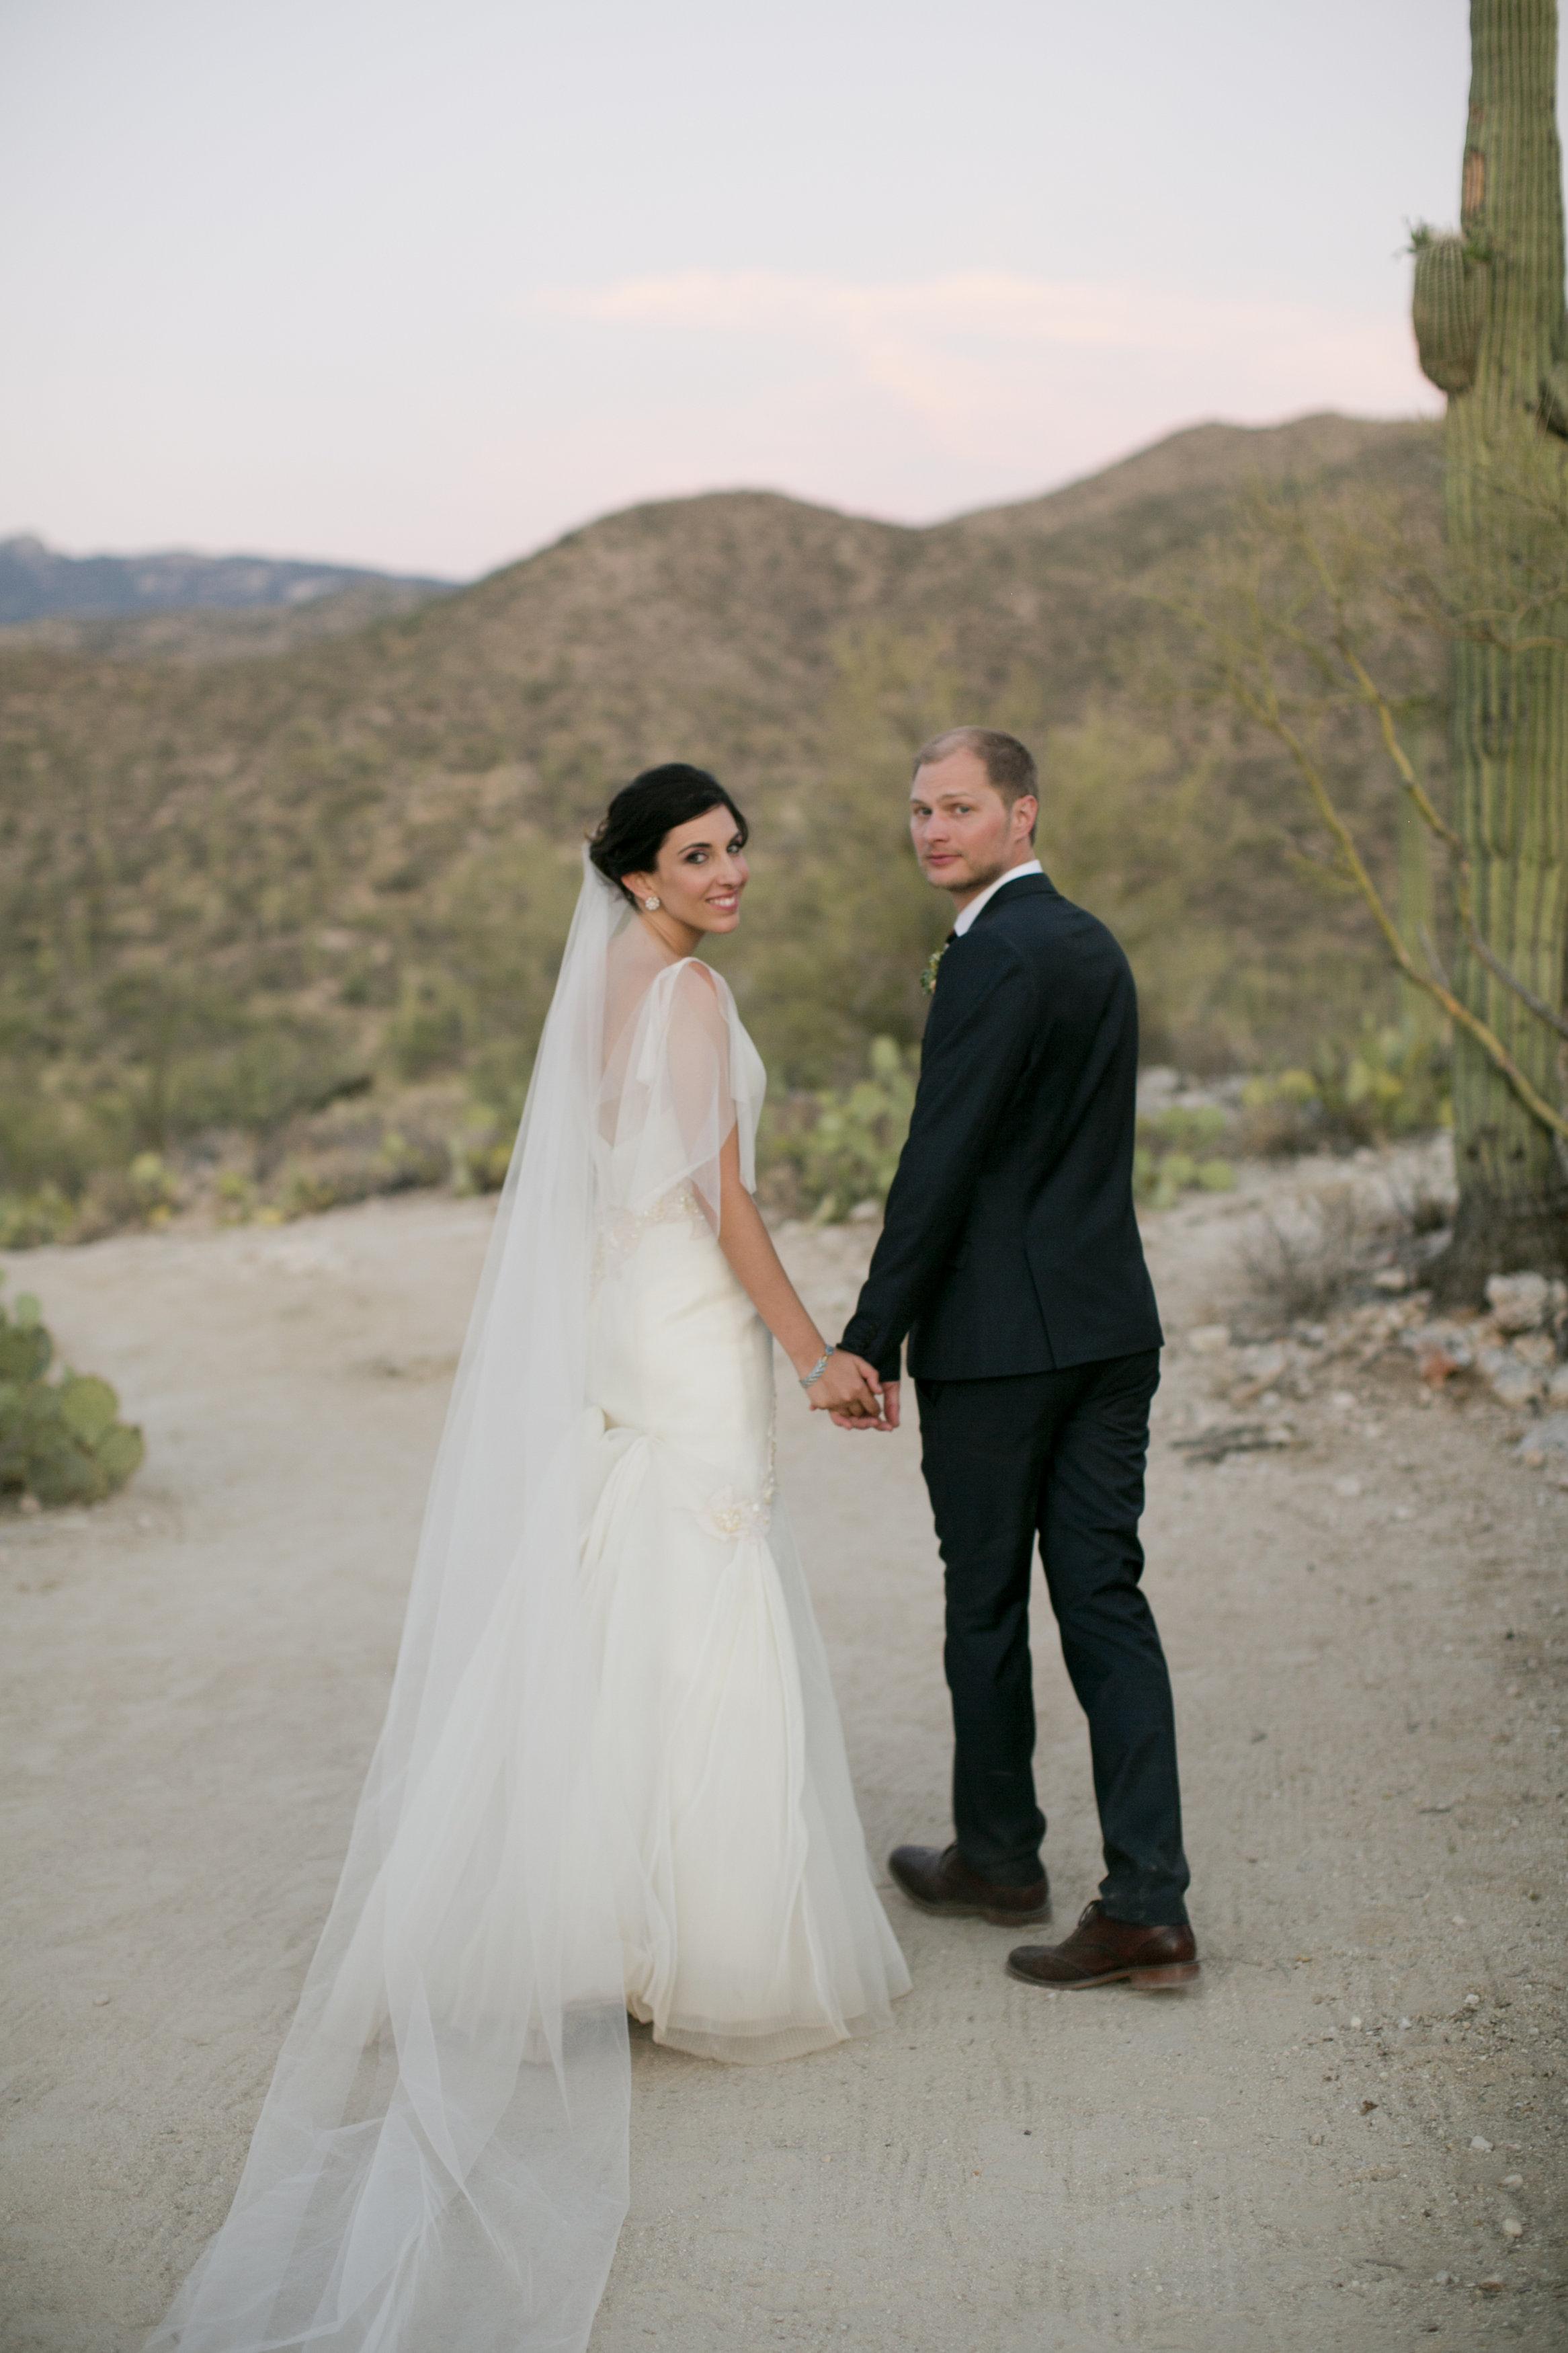 Ceci_New_York_Ceci_Style_Ceci_Johnson_Luxury_Lifestyle_Arizona_Wedding_Watercolor_Inspiration_Design_Custom_Couture_Personalized_Invitations_167.jpg